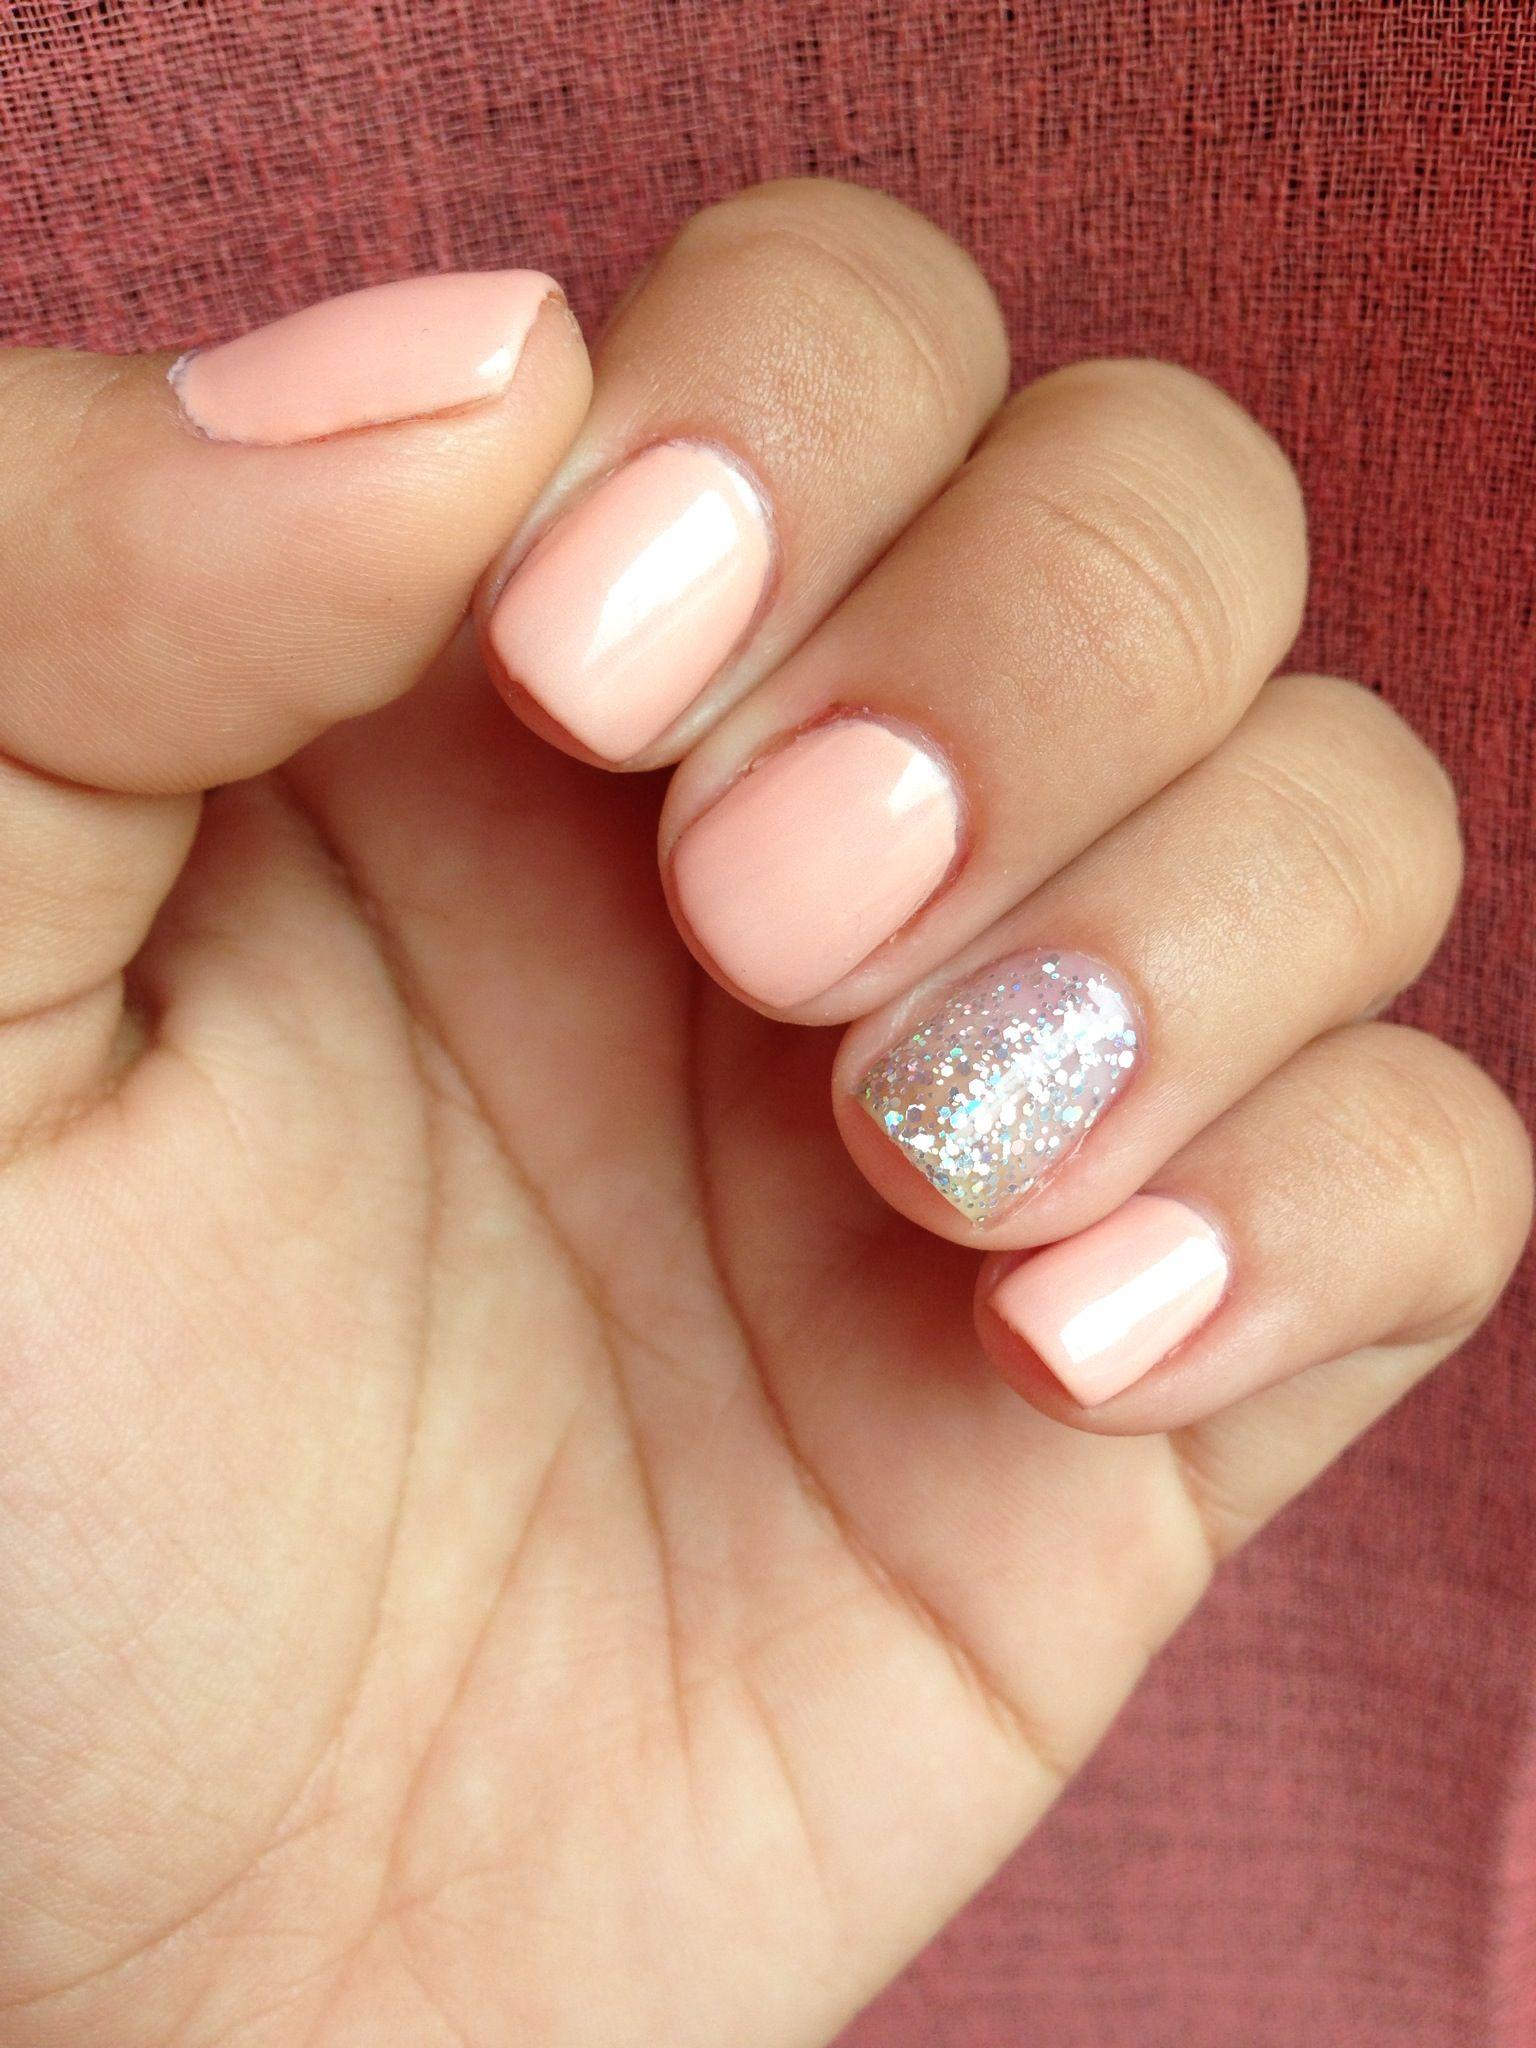 Spring and Summer Wedding Nails | Gel nail polish, Pink gel nails ...